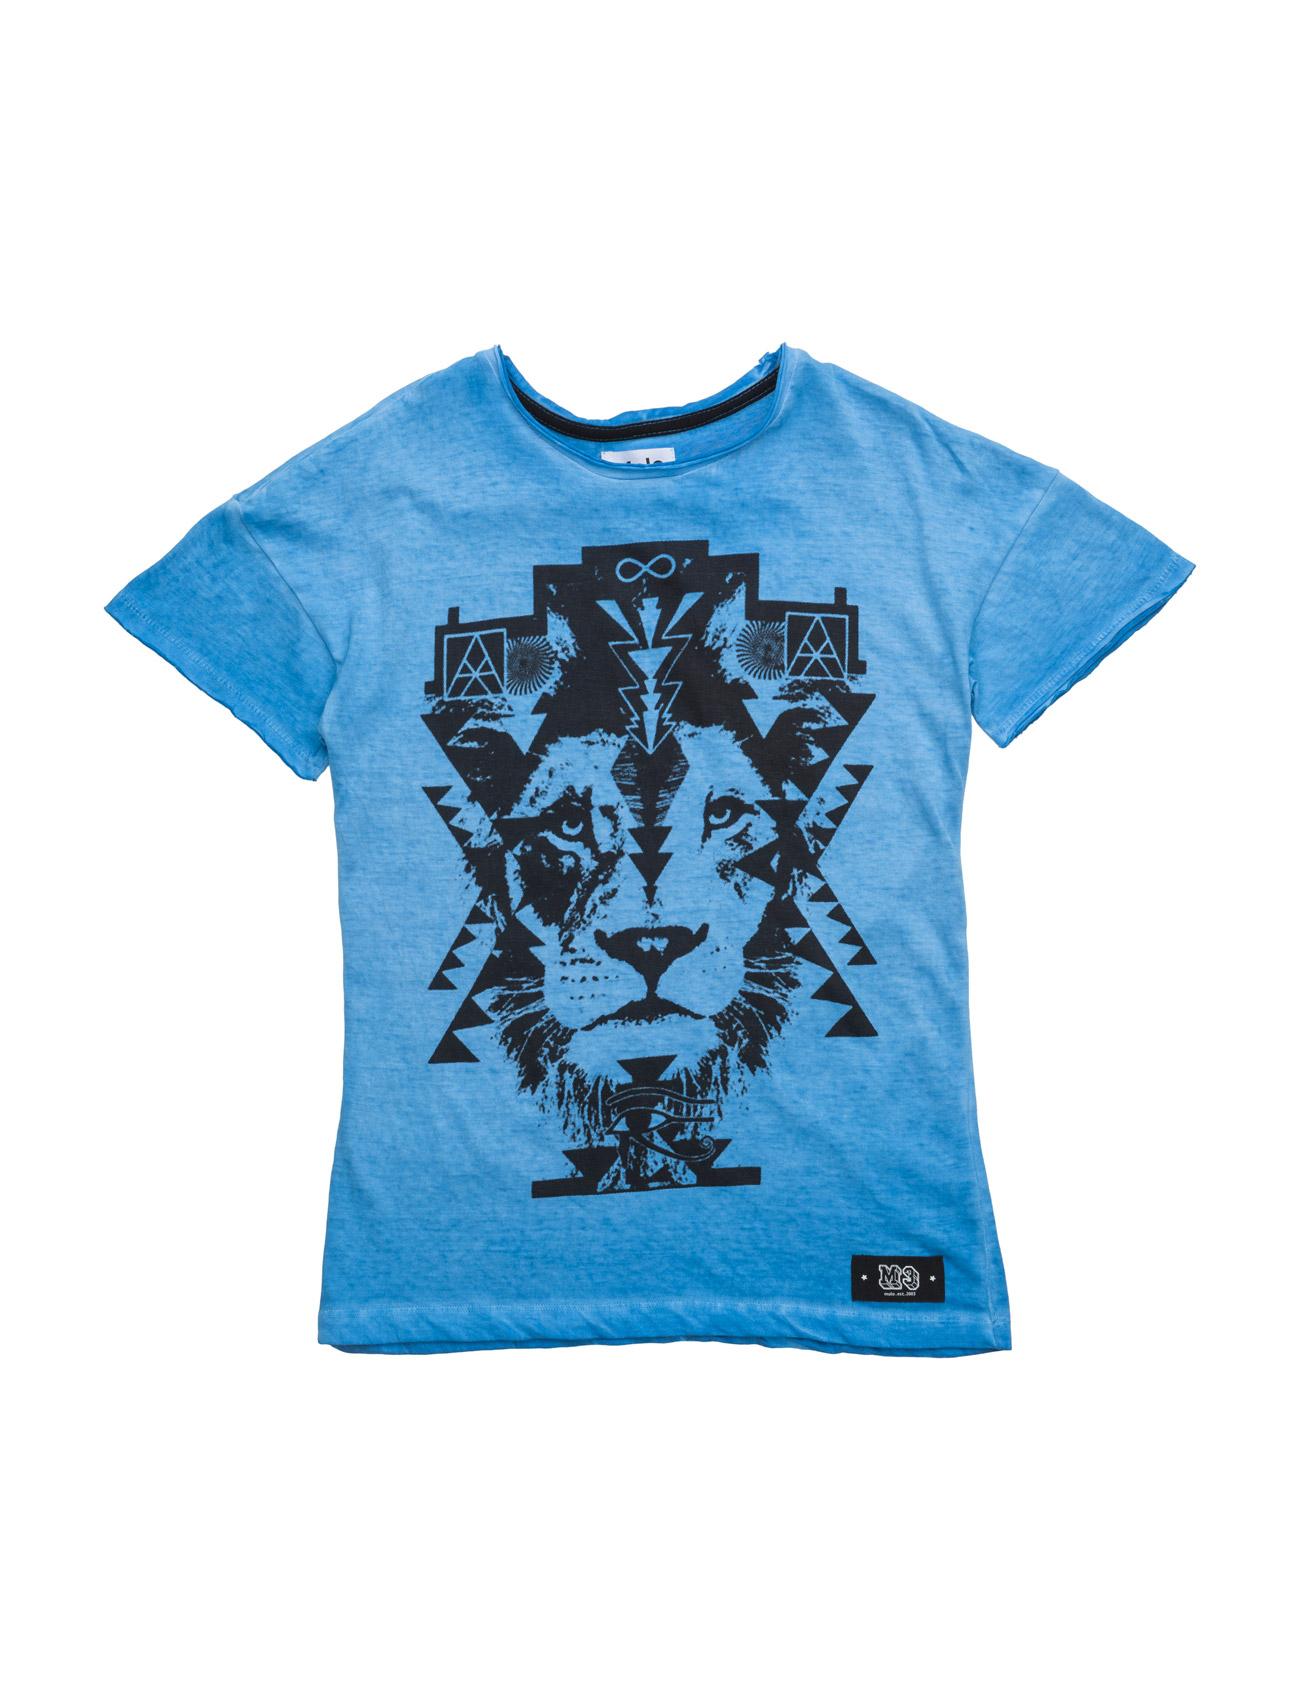 Reilly Molo Kortærmede t-shirts til Børn i